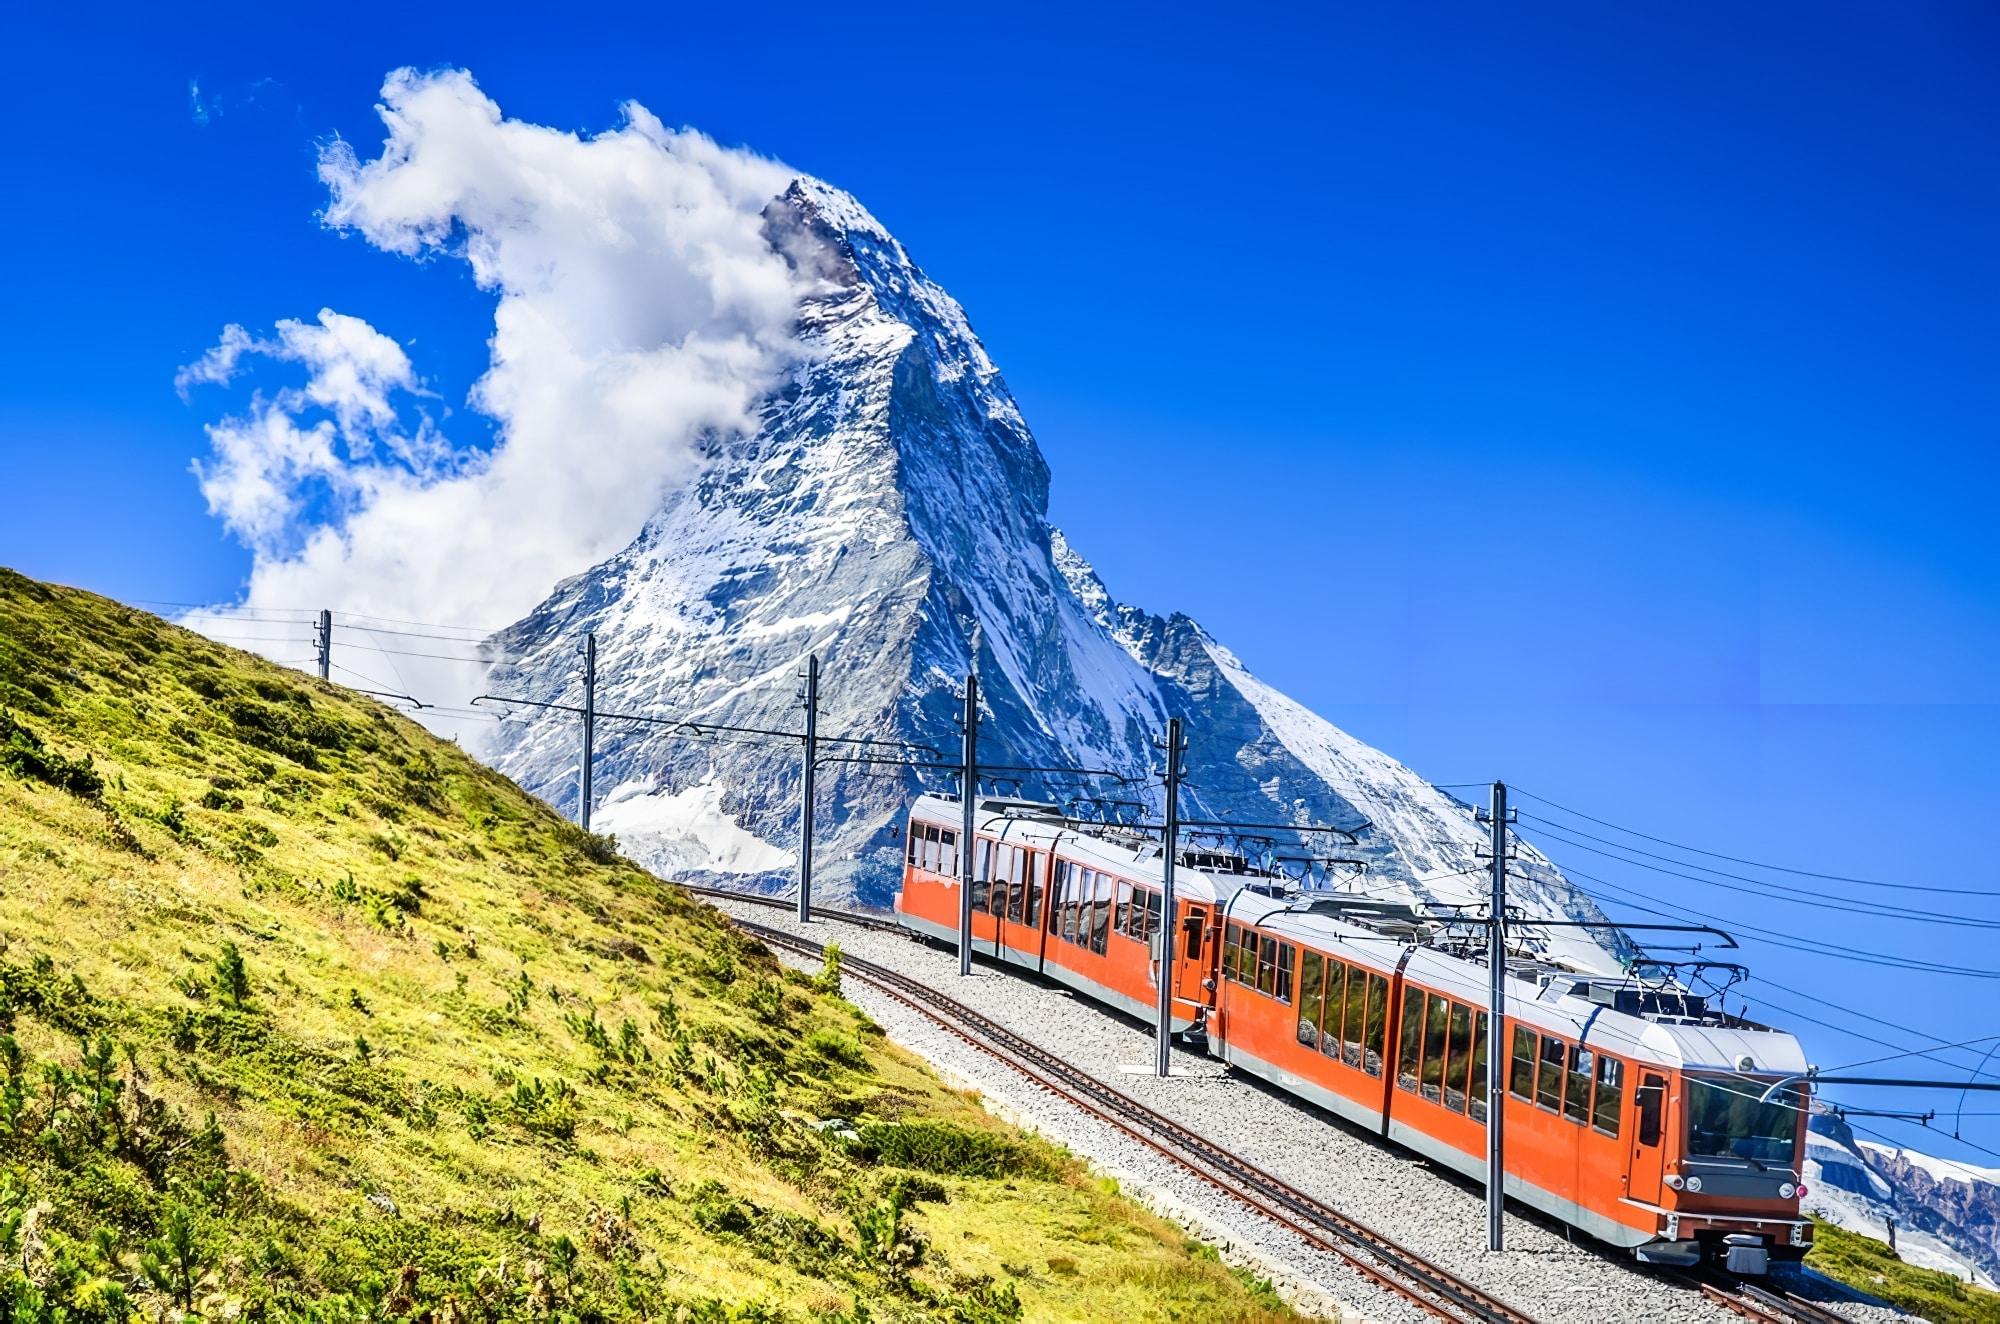 Les 12 meilleures destinations d'Europe à visiter en train